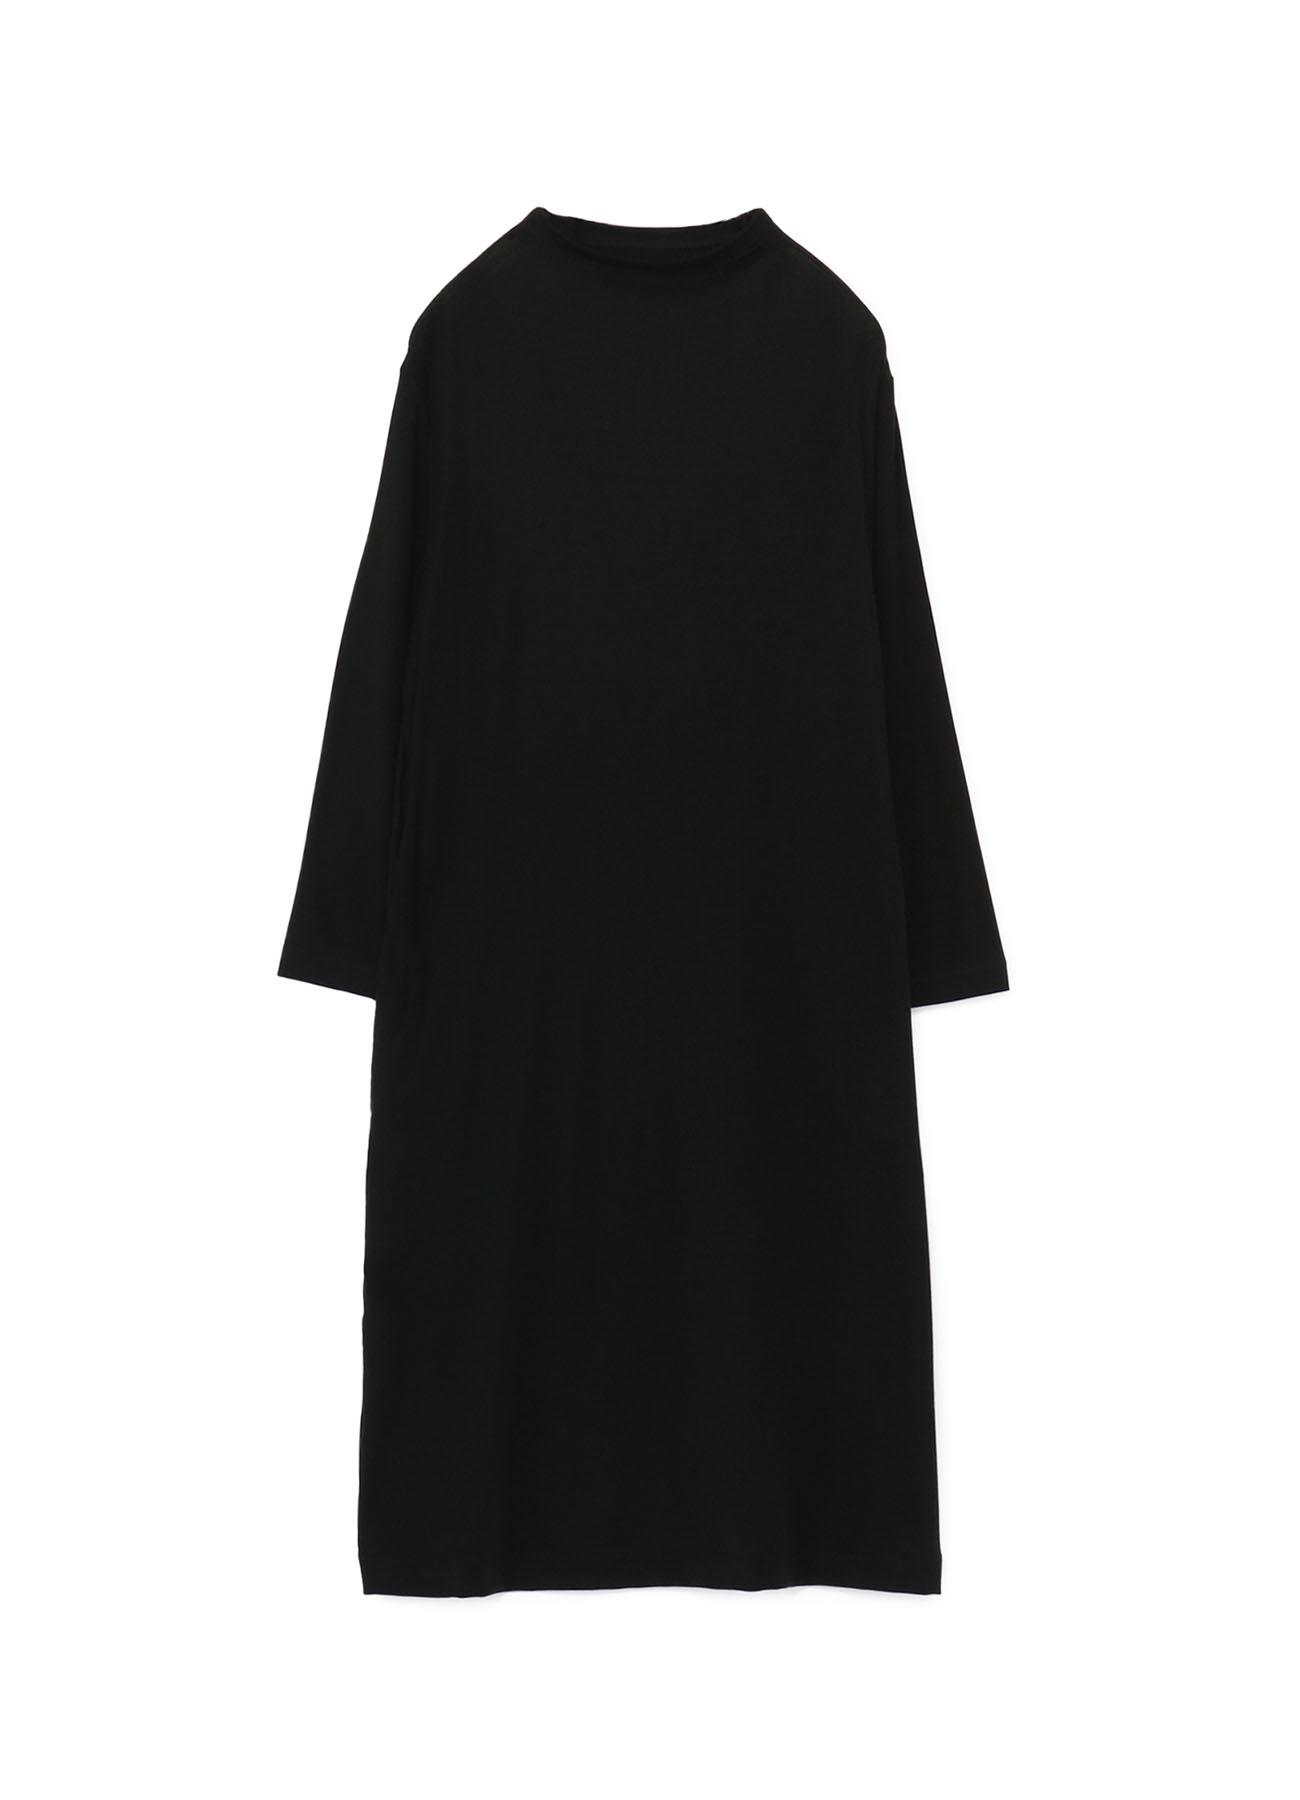 LYOCELL STRETCH RIB JERSEY BOTTLE NECK DRESS